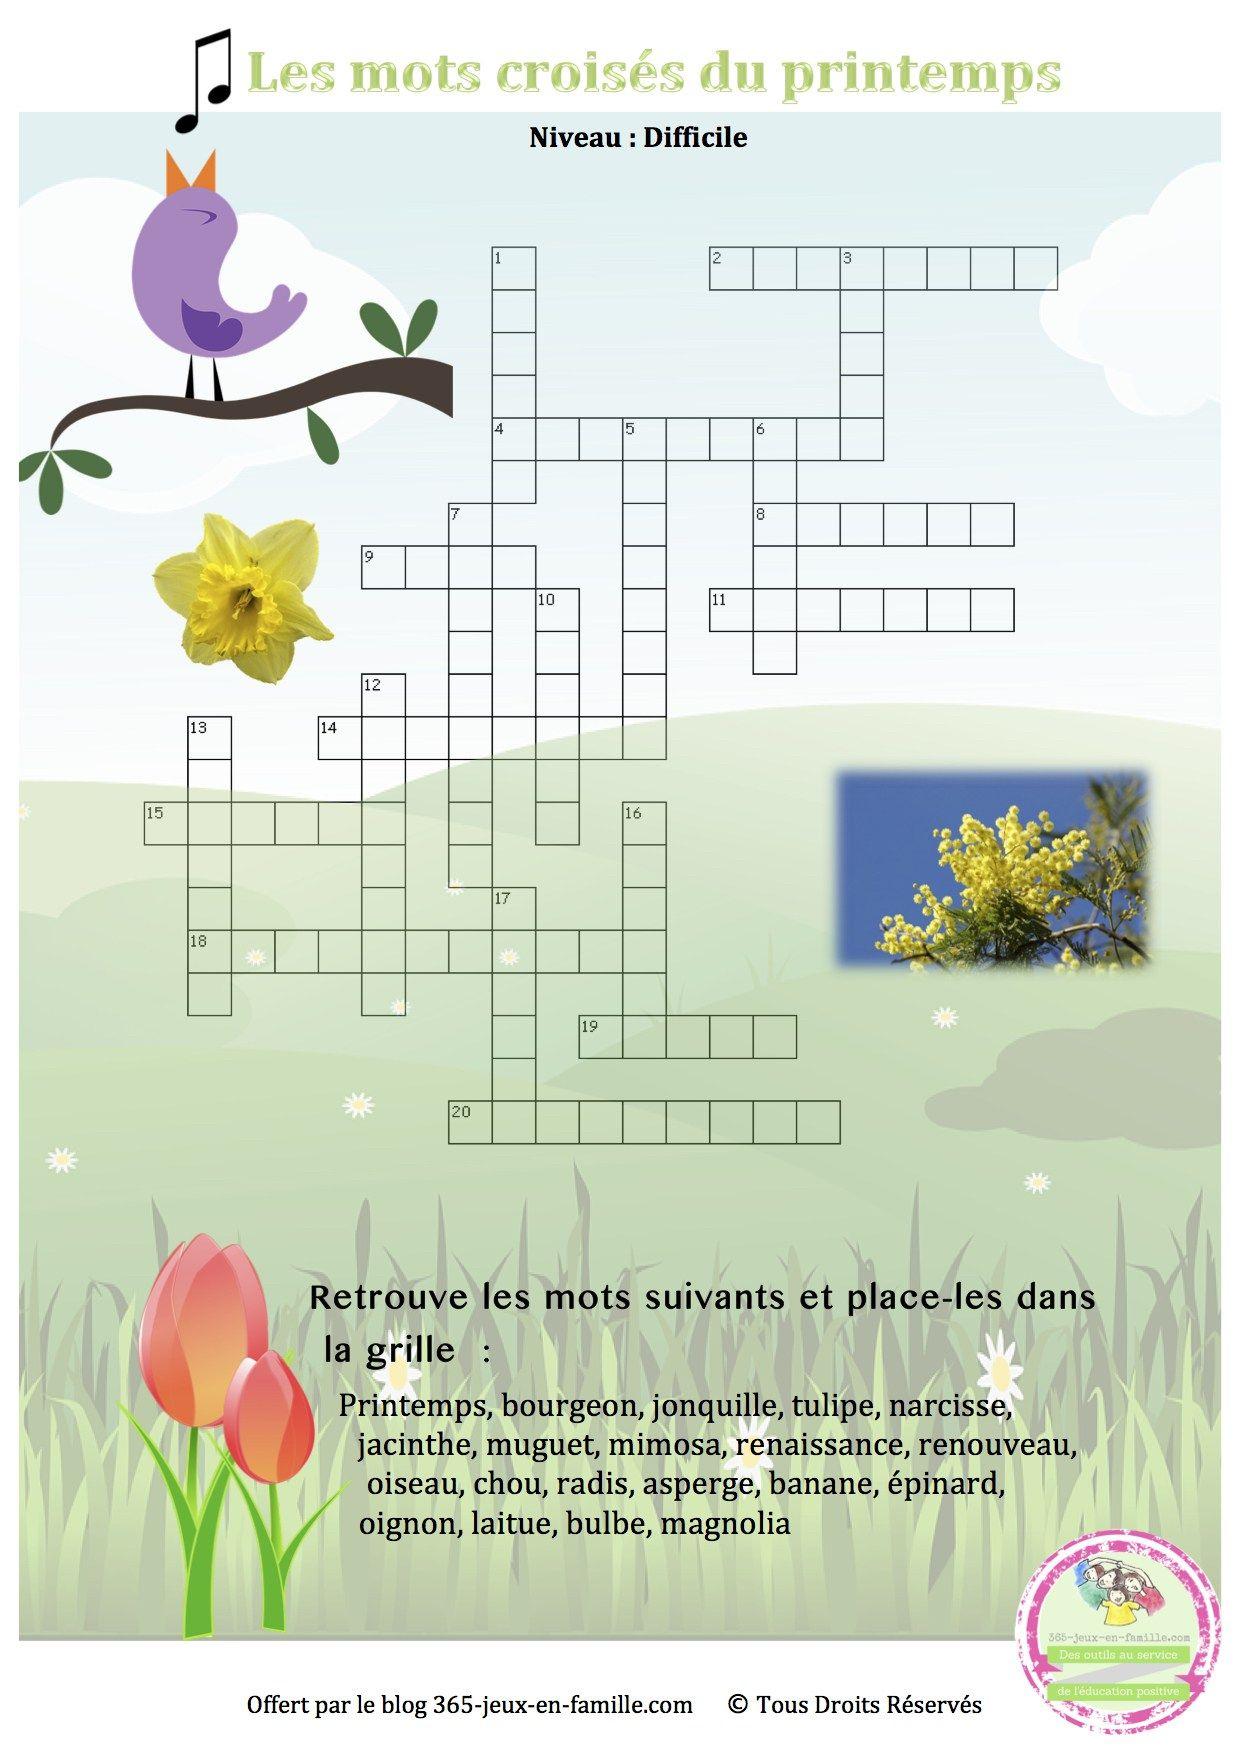 12 Jeux Gratuits À Imprimer Pour Le Printemps | Crossword tout Jeux Gratuit De Mots